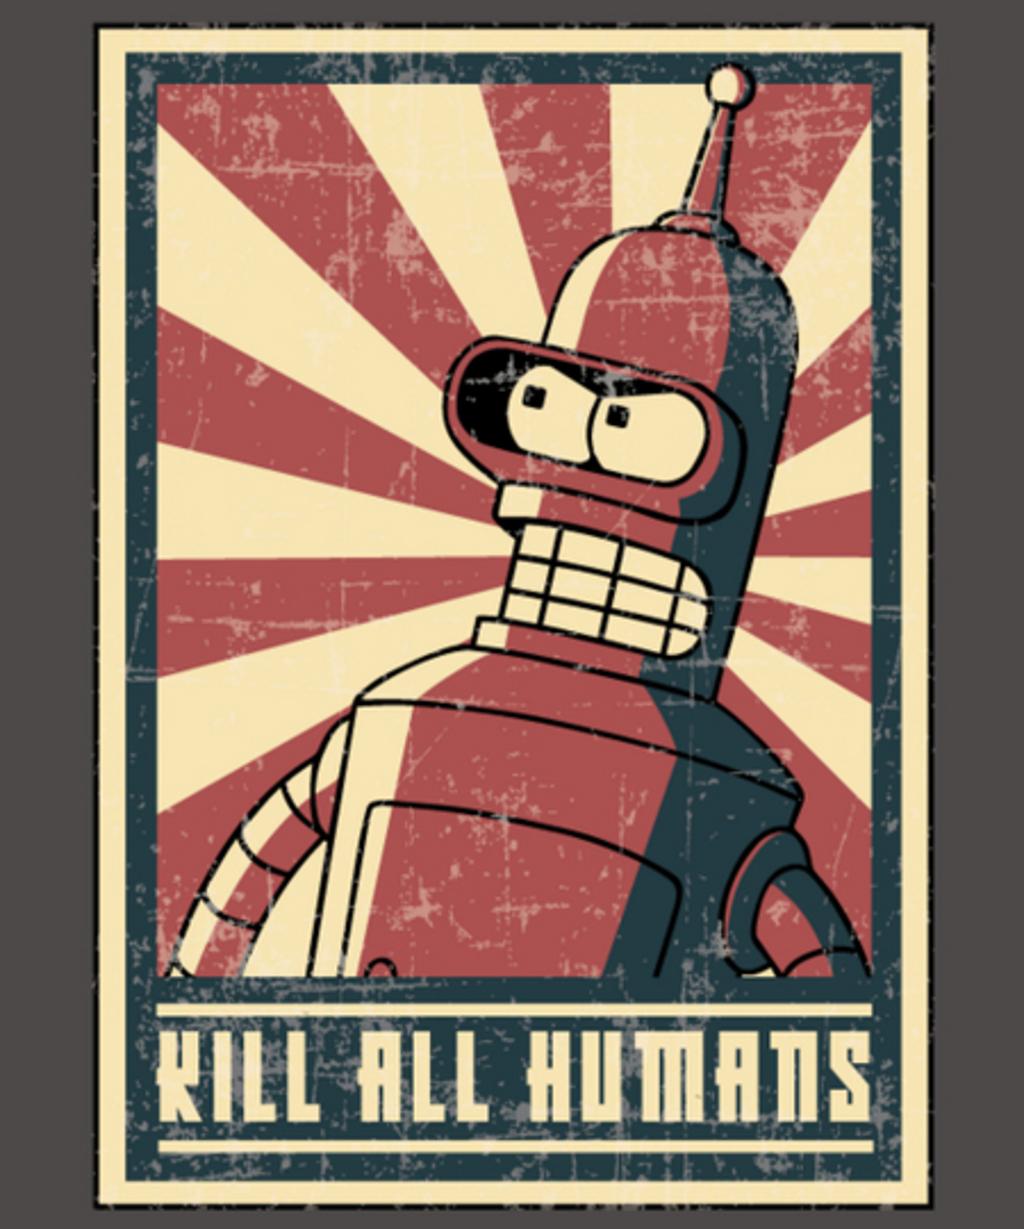 Qwertee: Kill all humans